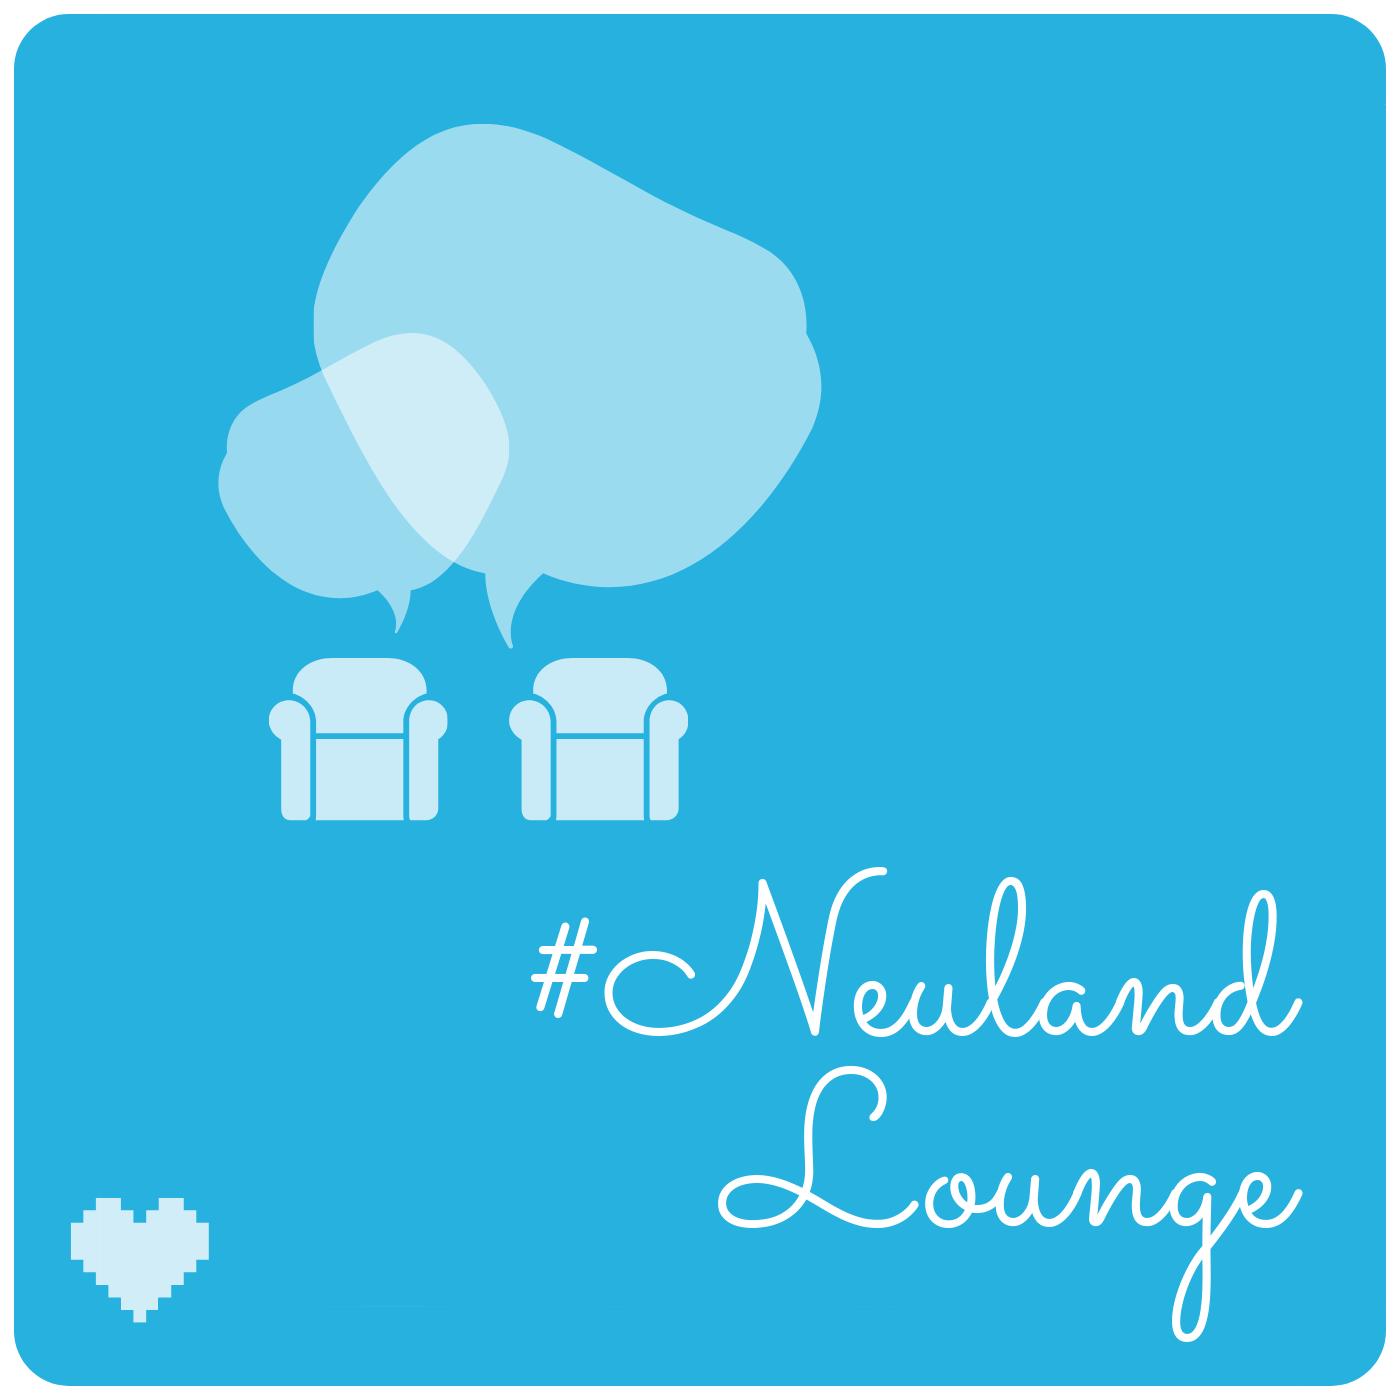 Neuland Lounge blog illustration